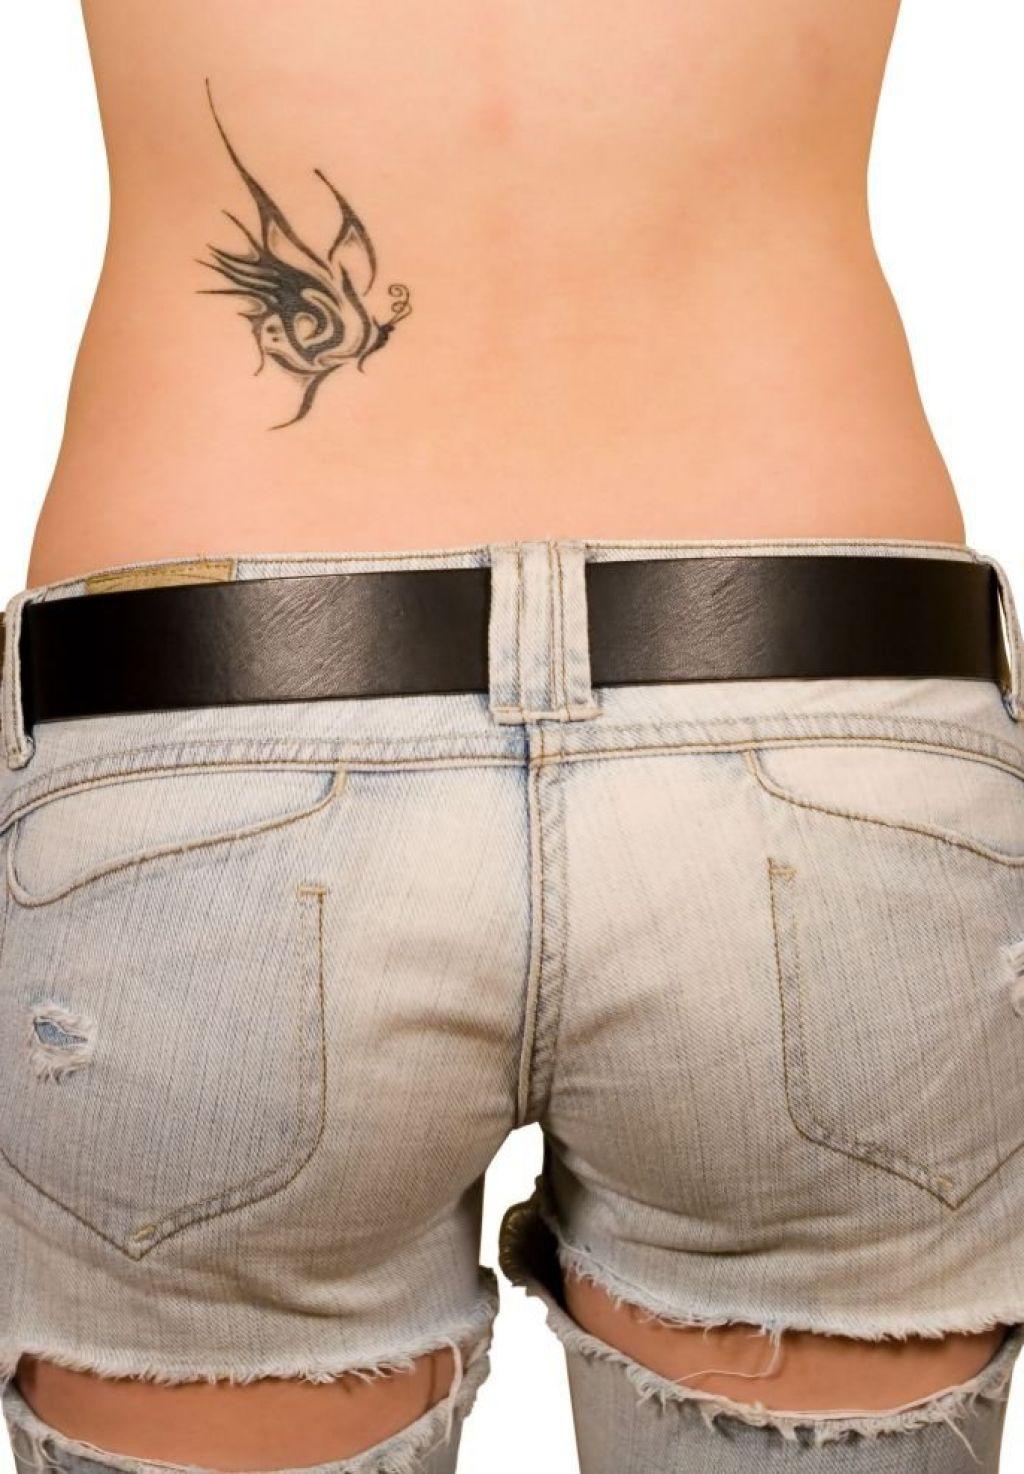 Tribal-Tattoos Small-Tattoo-Tribal